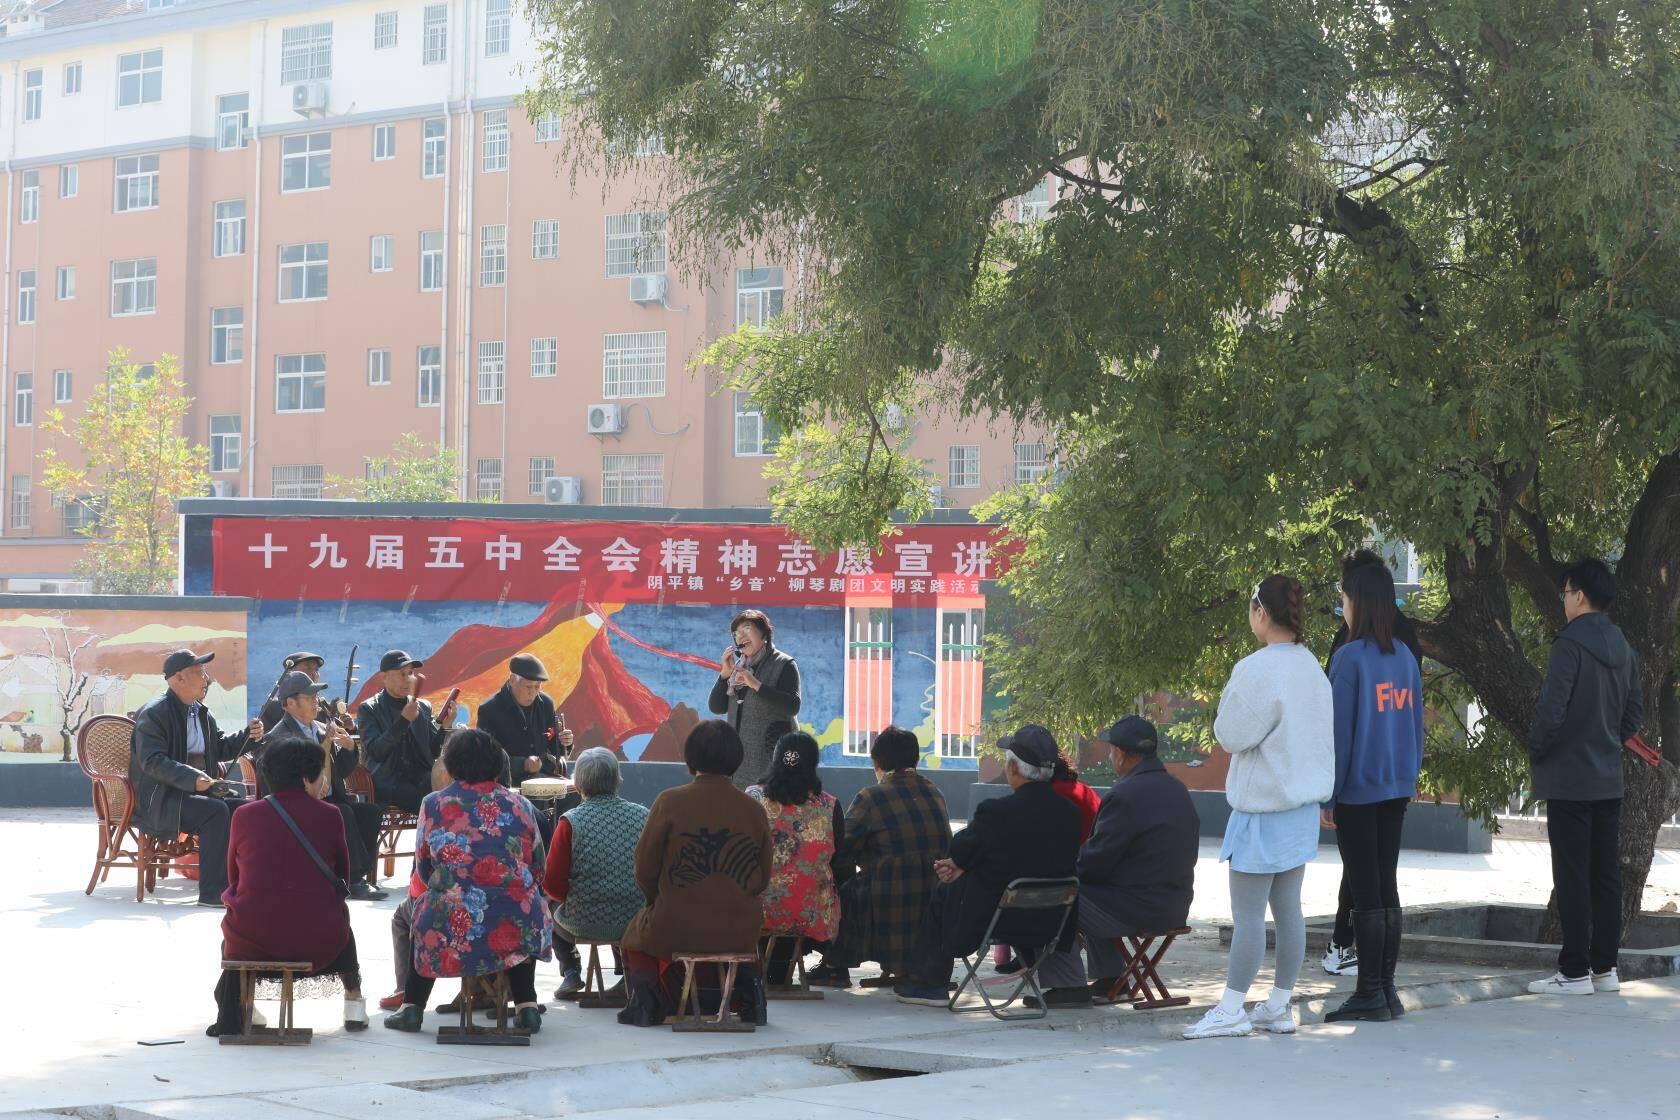 """""""乡音""""常在,全会入心!枣庄峄城阴平镇柳琴剧团宣讲十九届五中全会精神"""